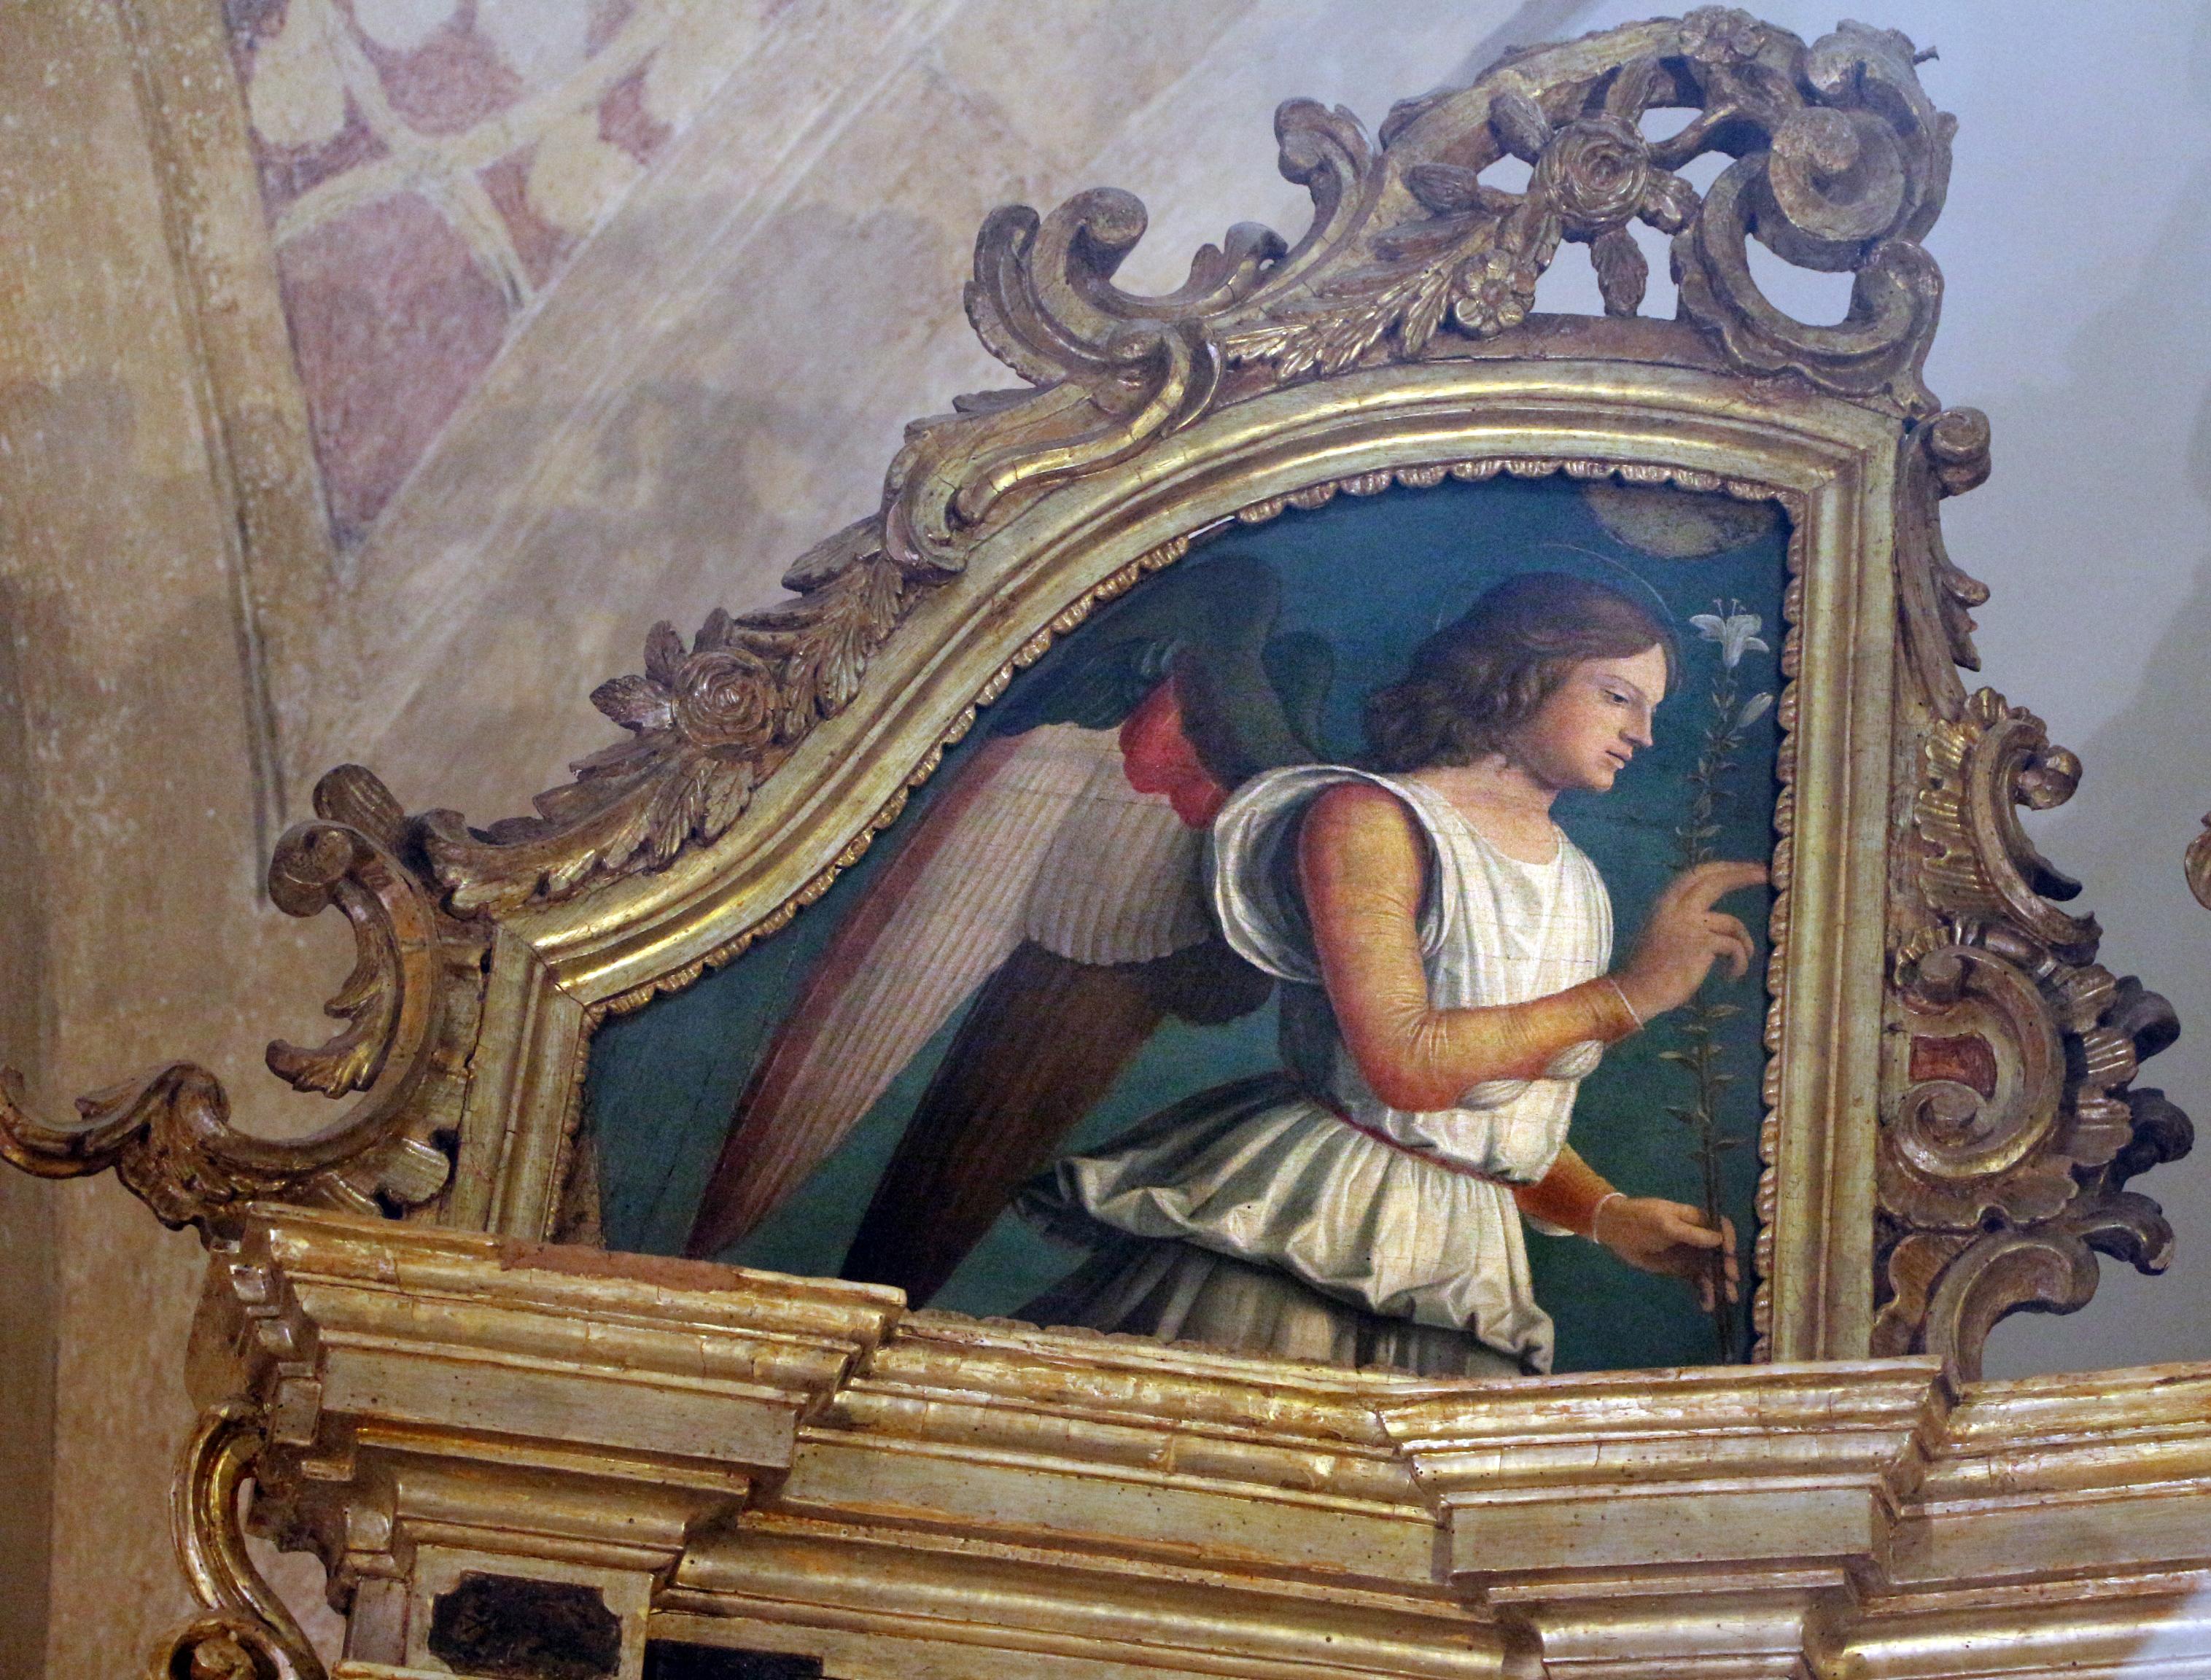 File:Cima da conegliano, polittico di miglionico, 1499 (cornice rifatta nel  1782